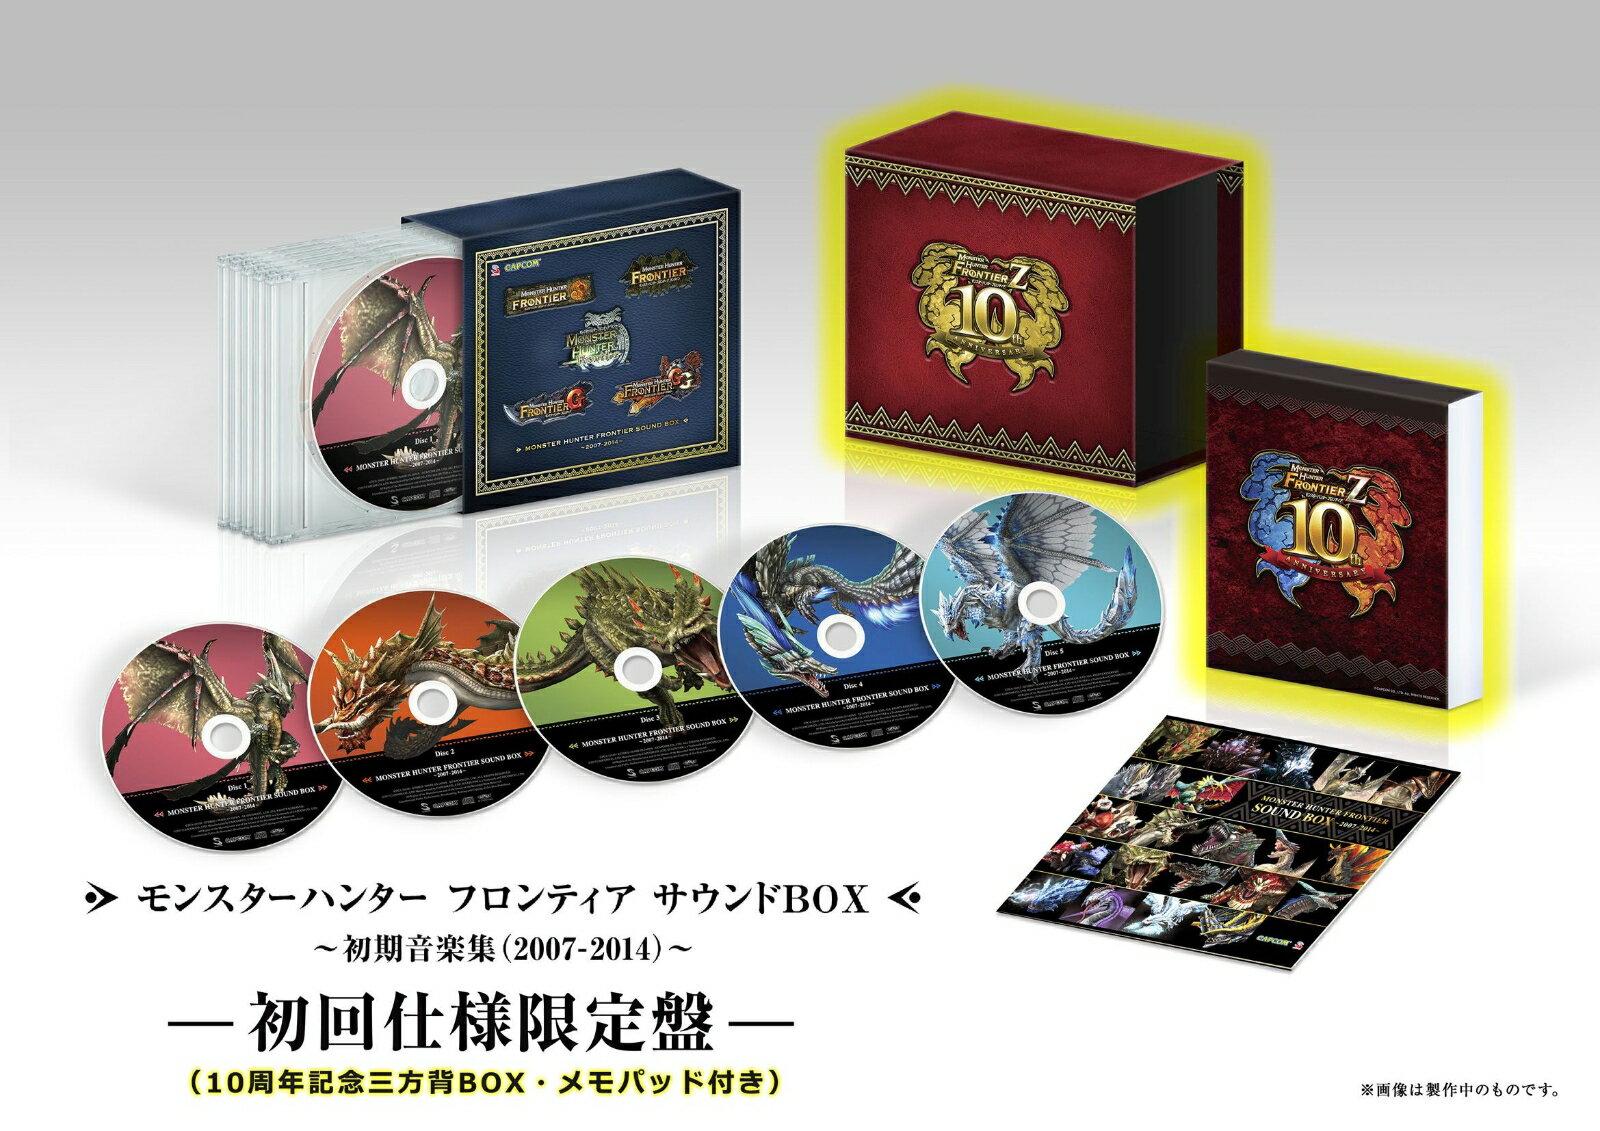 モンスターハンター フロンティア サウンドBOX 〜初期音楽集(2007-2014)〜 [ (ゲーム・ミュージック) ]